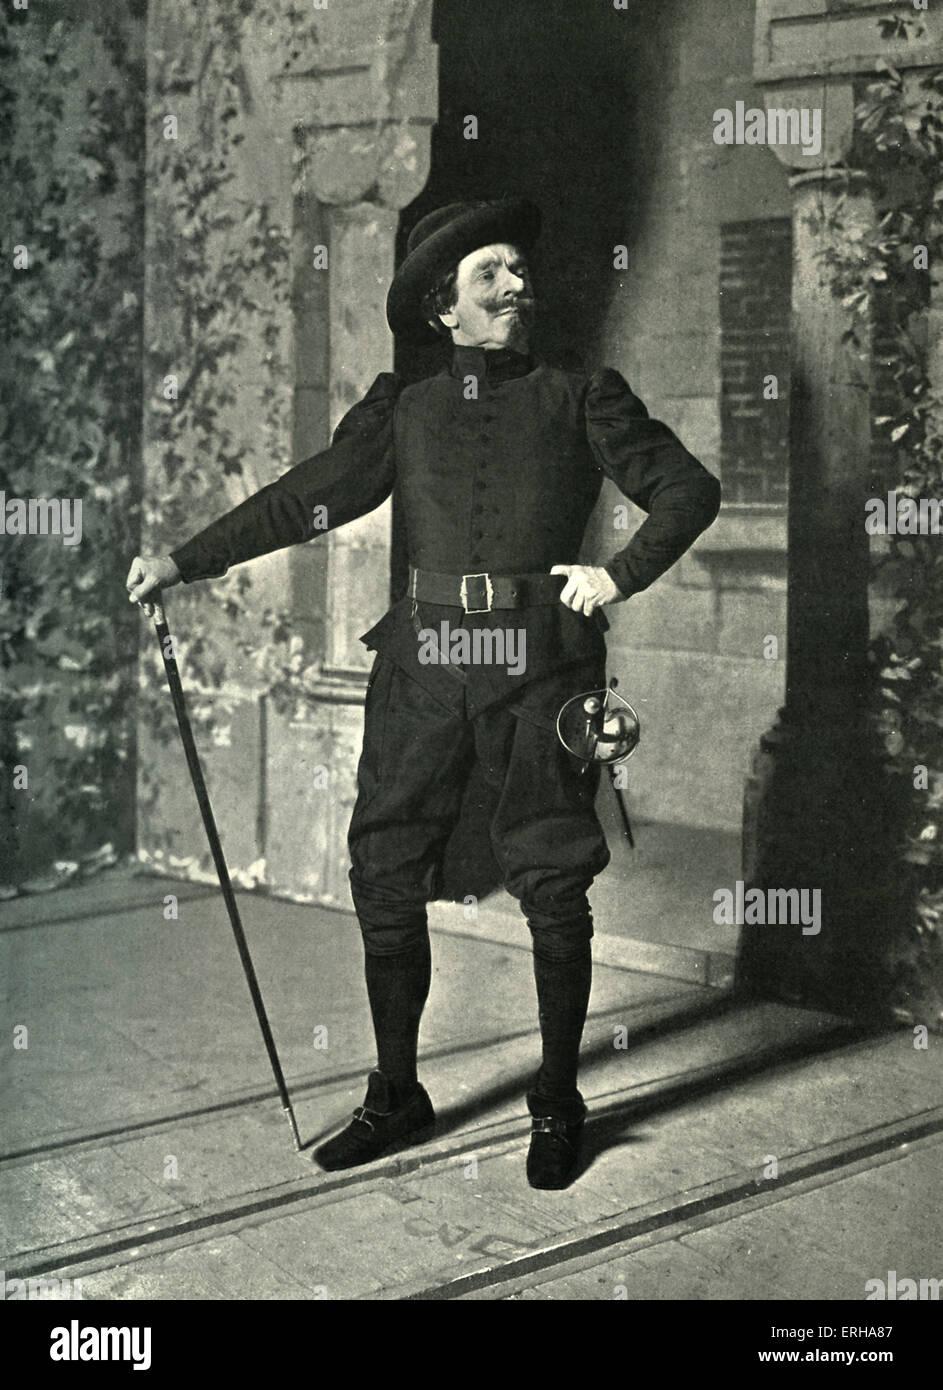 Coquelin Aîné as Cyrano de Bergerac 1898. Portrait photograph of the actor dressed as Cyrano de Bergerac - Stock Image